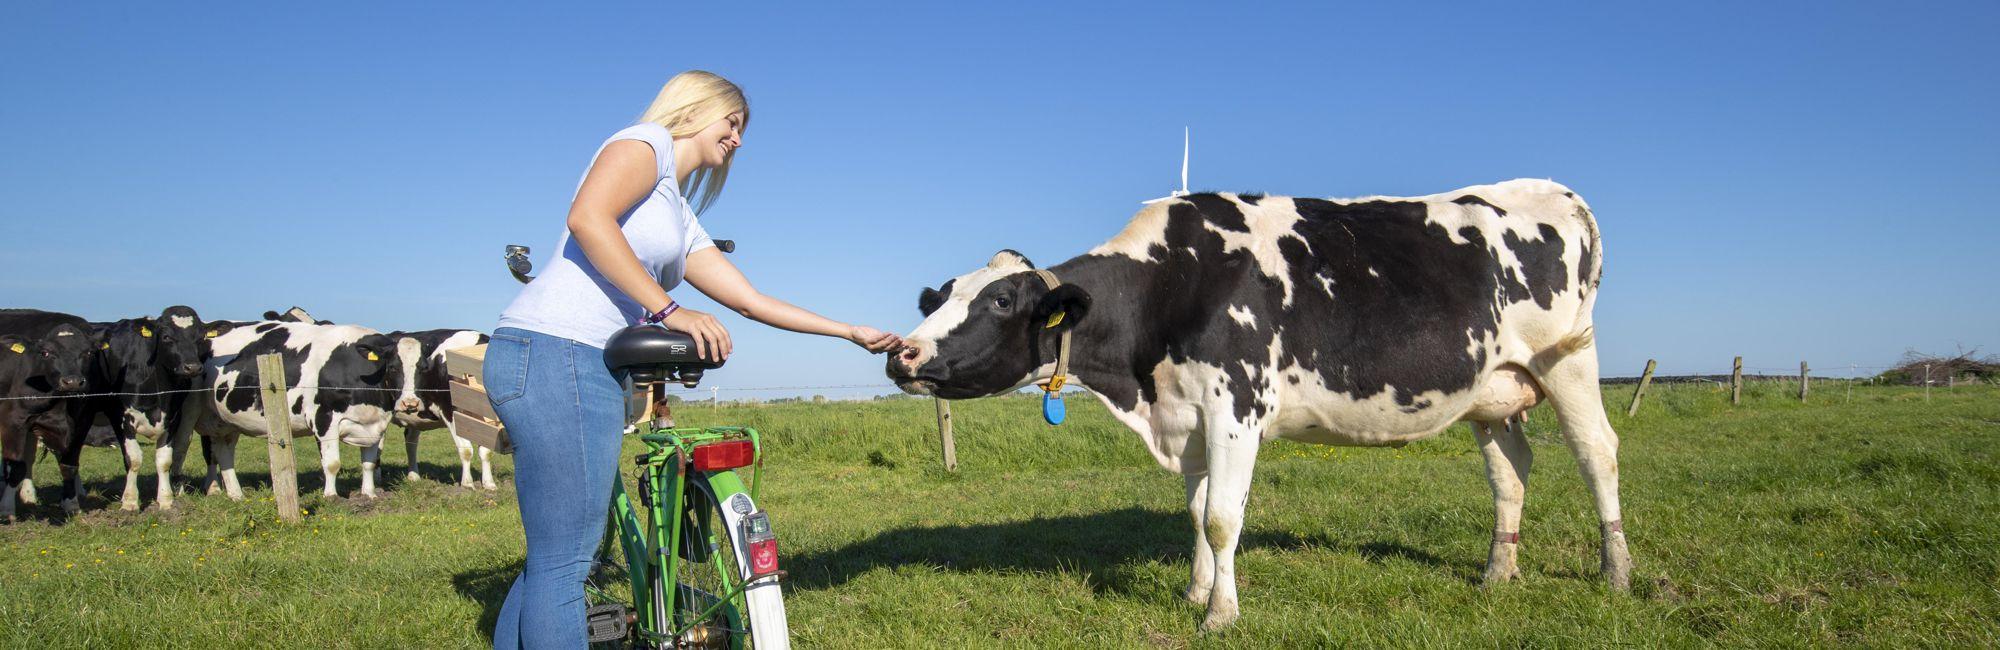 Ausflug mit dem Fahrrad zu Kartoffel und Kuh